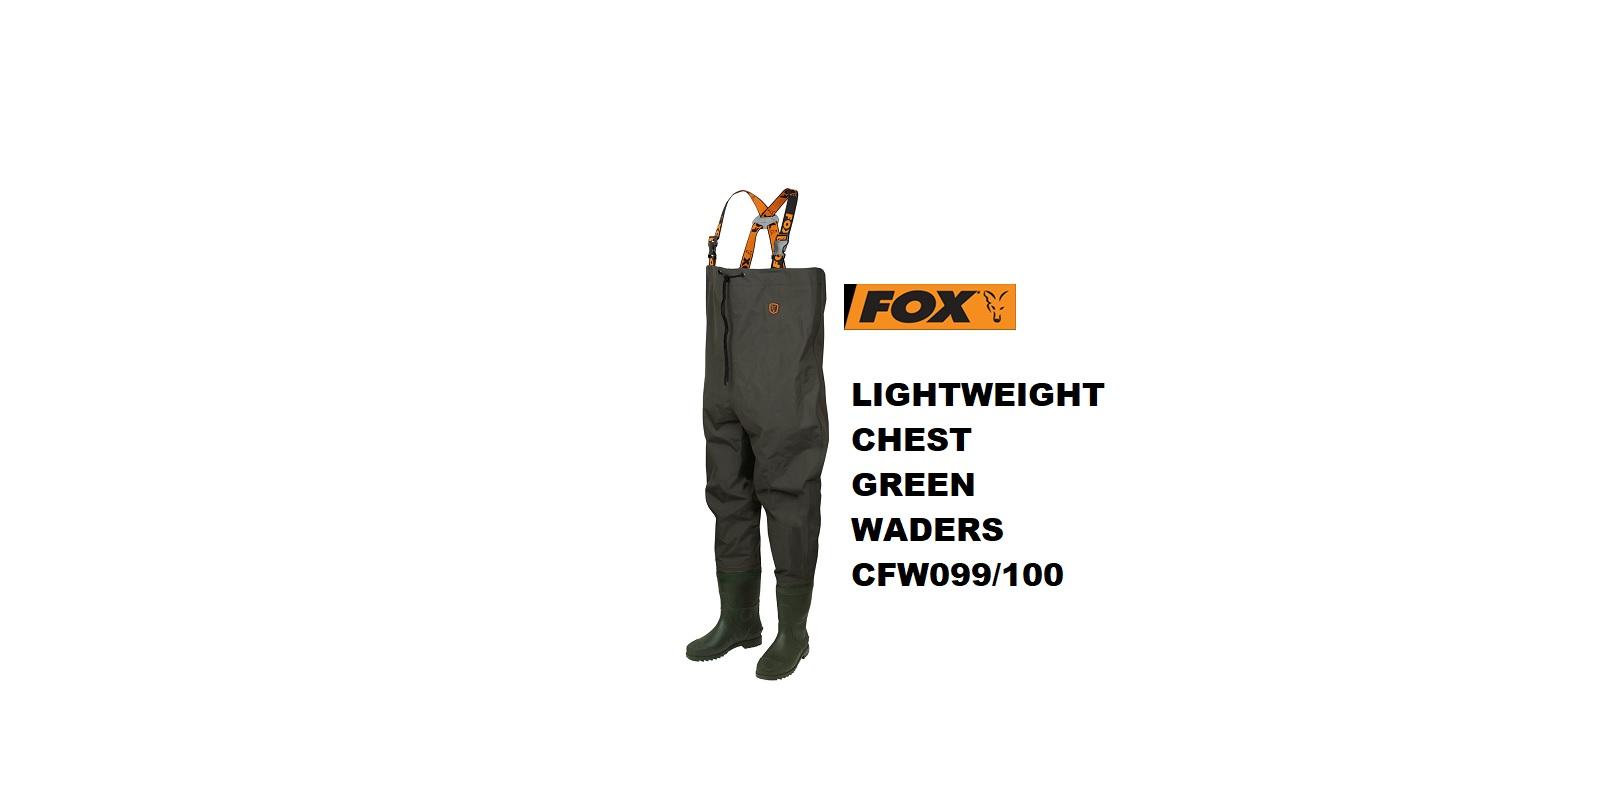 Fox Waders Lightweight Verde